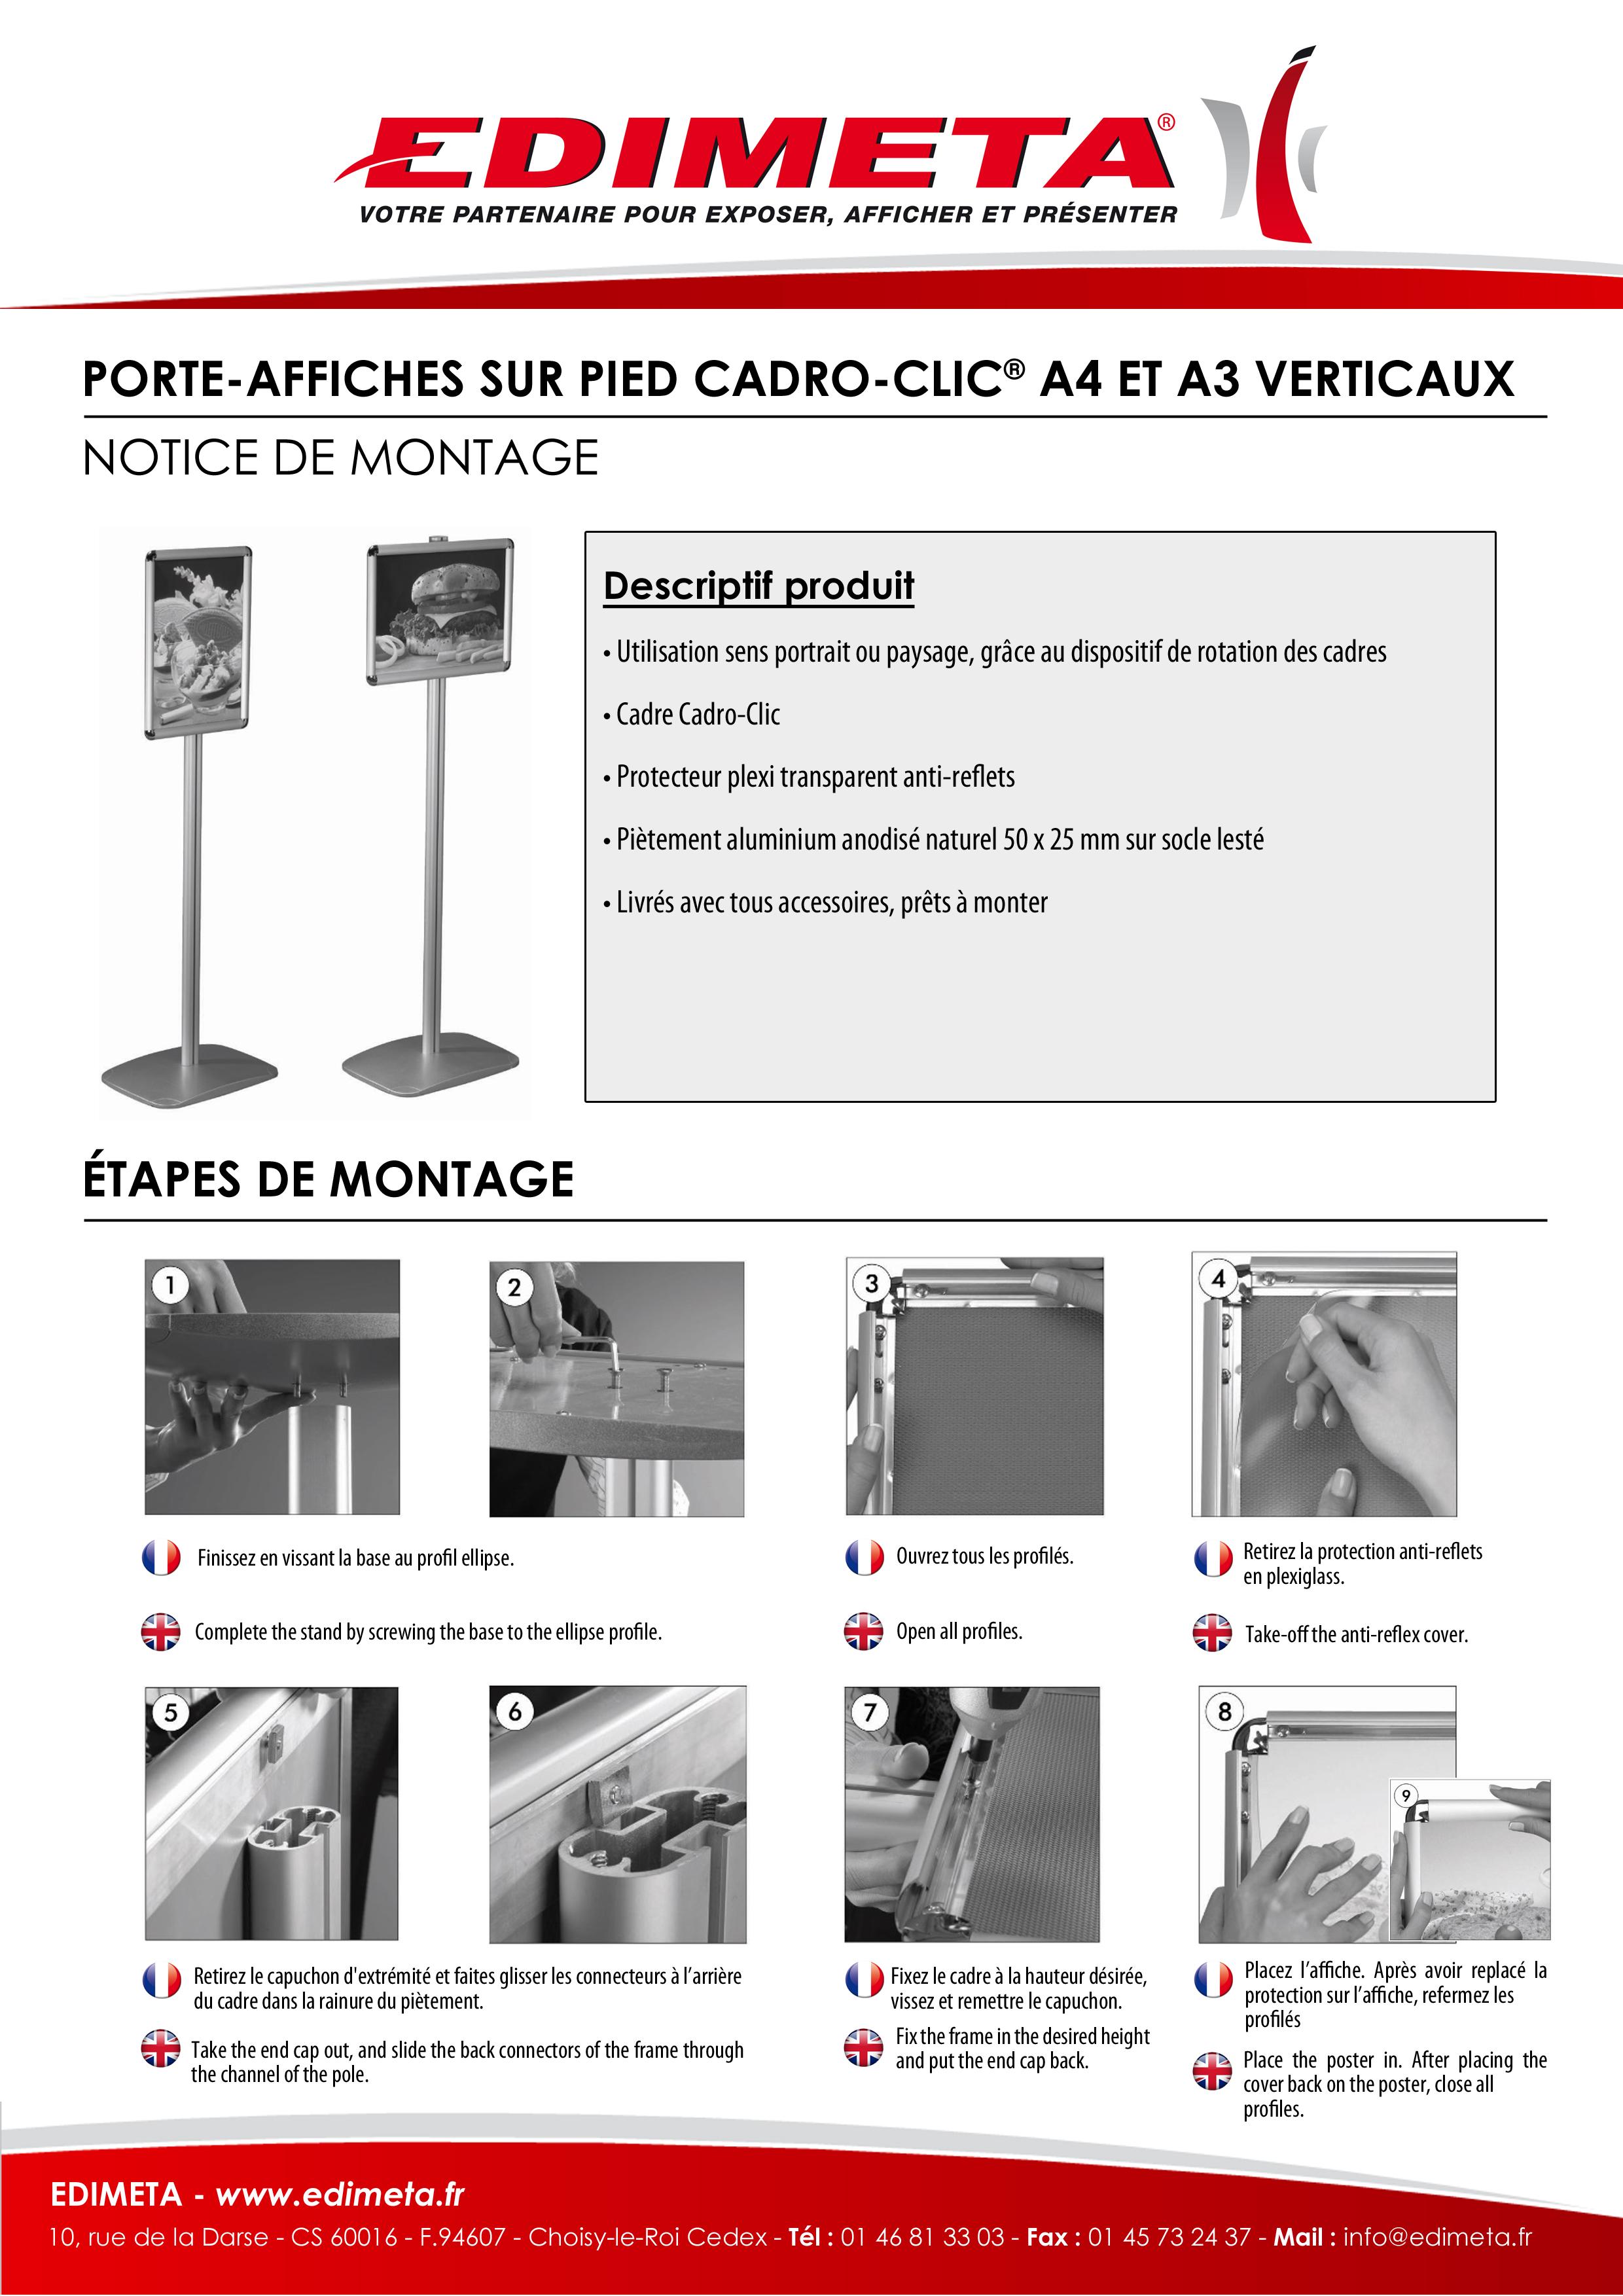 NOTICE DE MONTAGE : PORTE-AFFICHES SUR PIED CADRO-CLIC® A4 ET A3 VERTICAUX